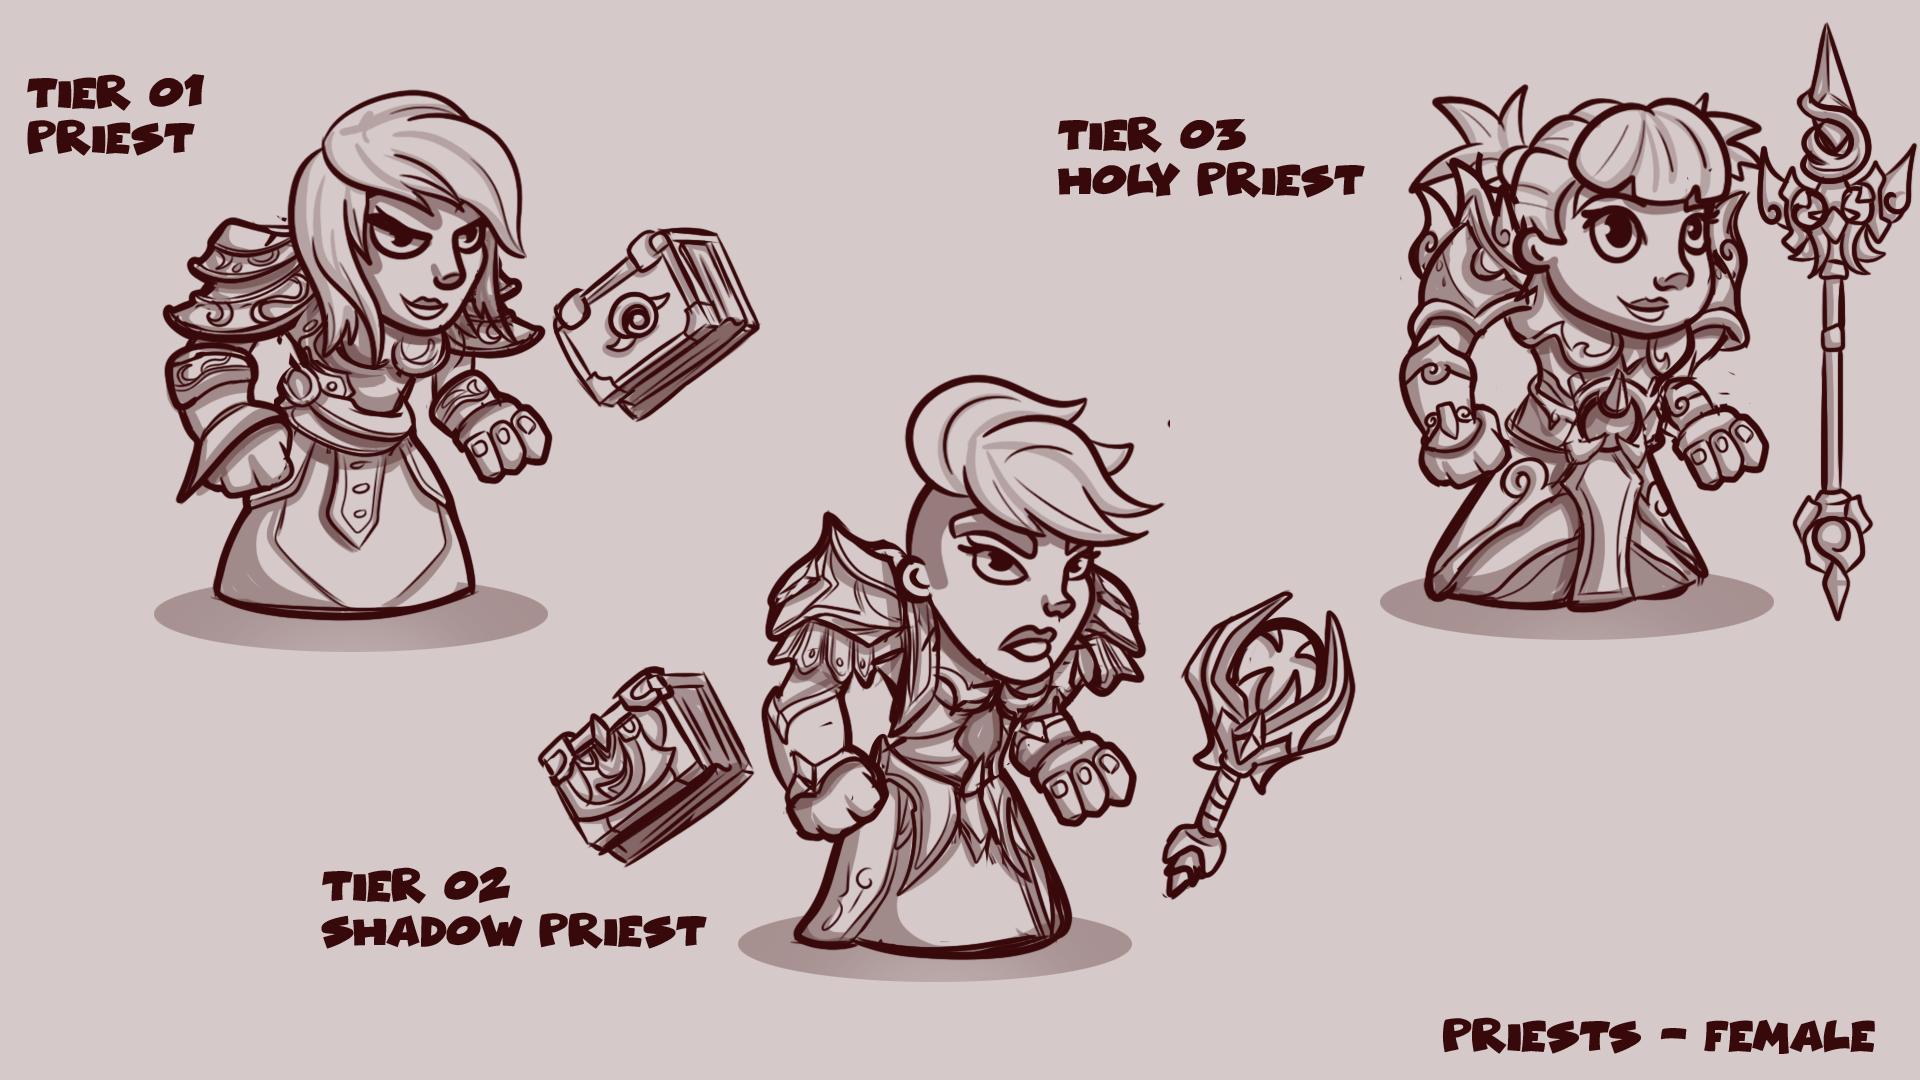 Priest Concepts